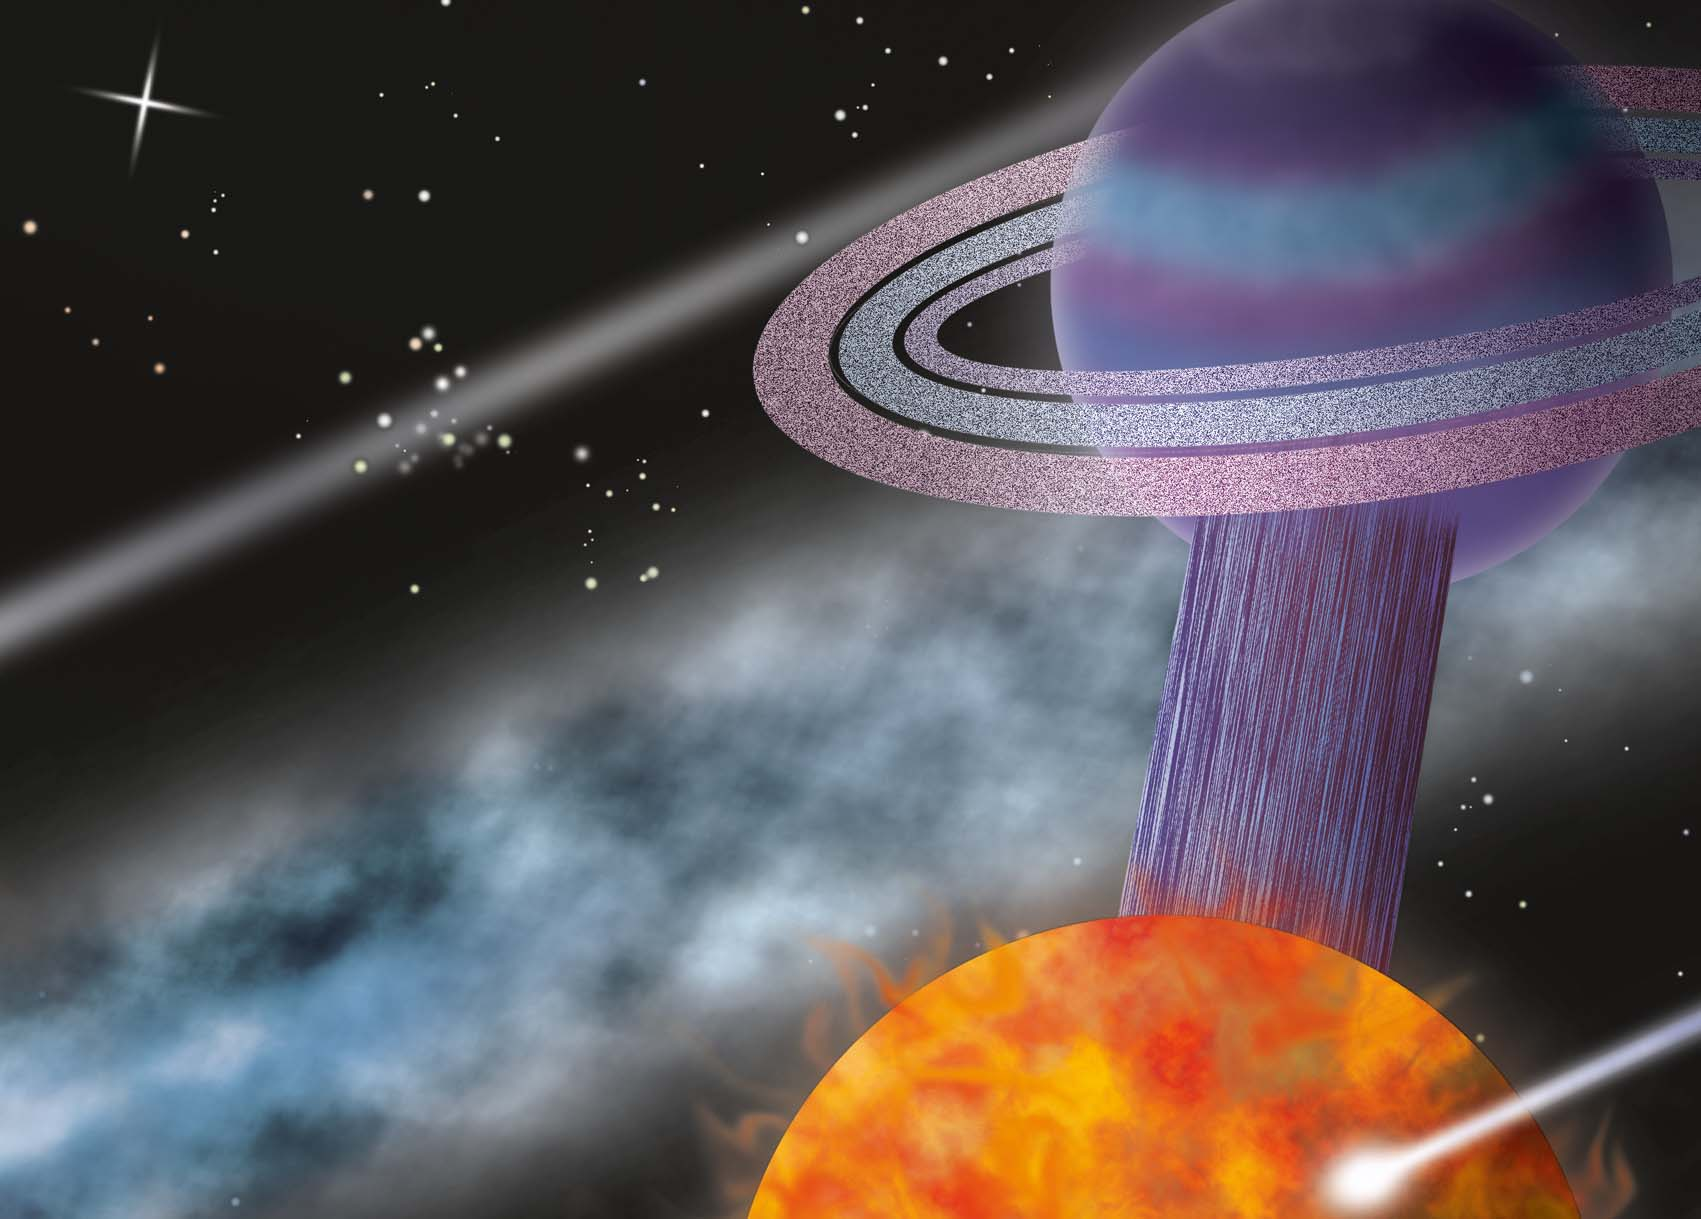 Molecuul met planeten als atomen